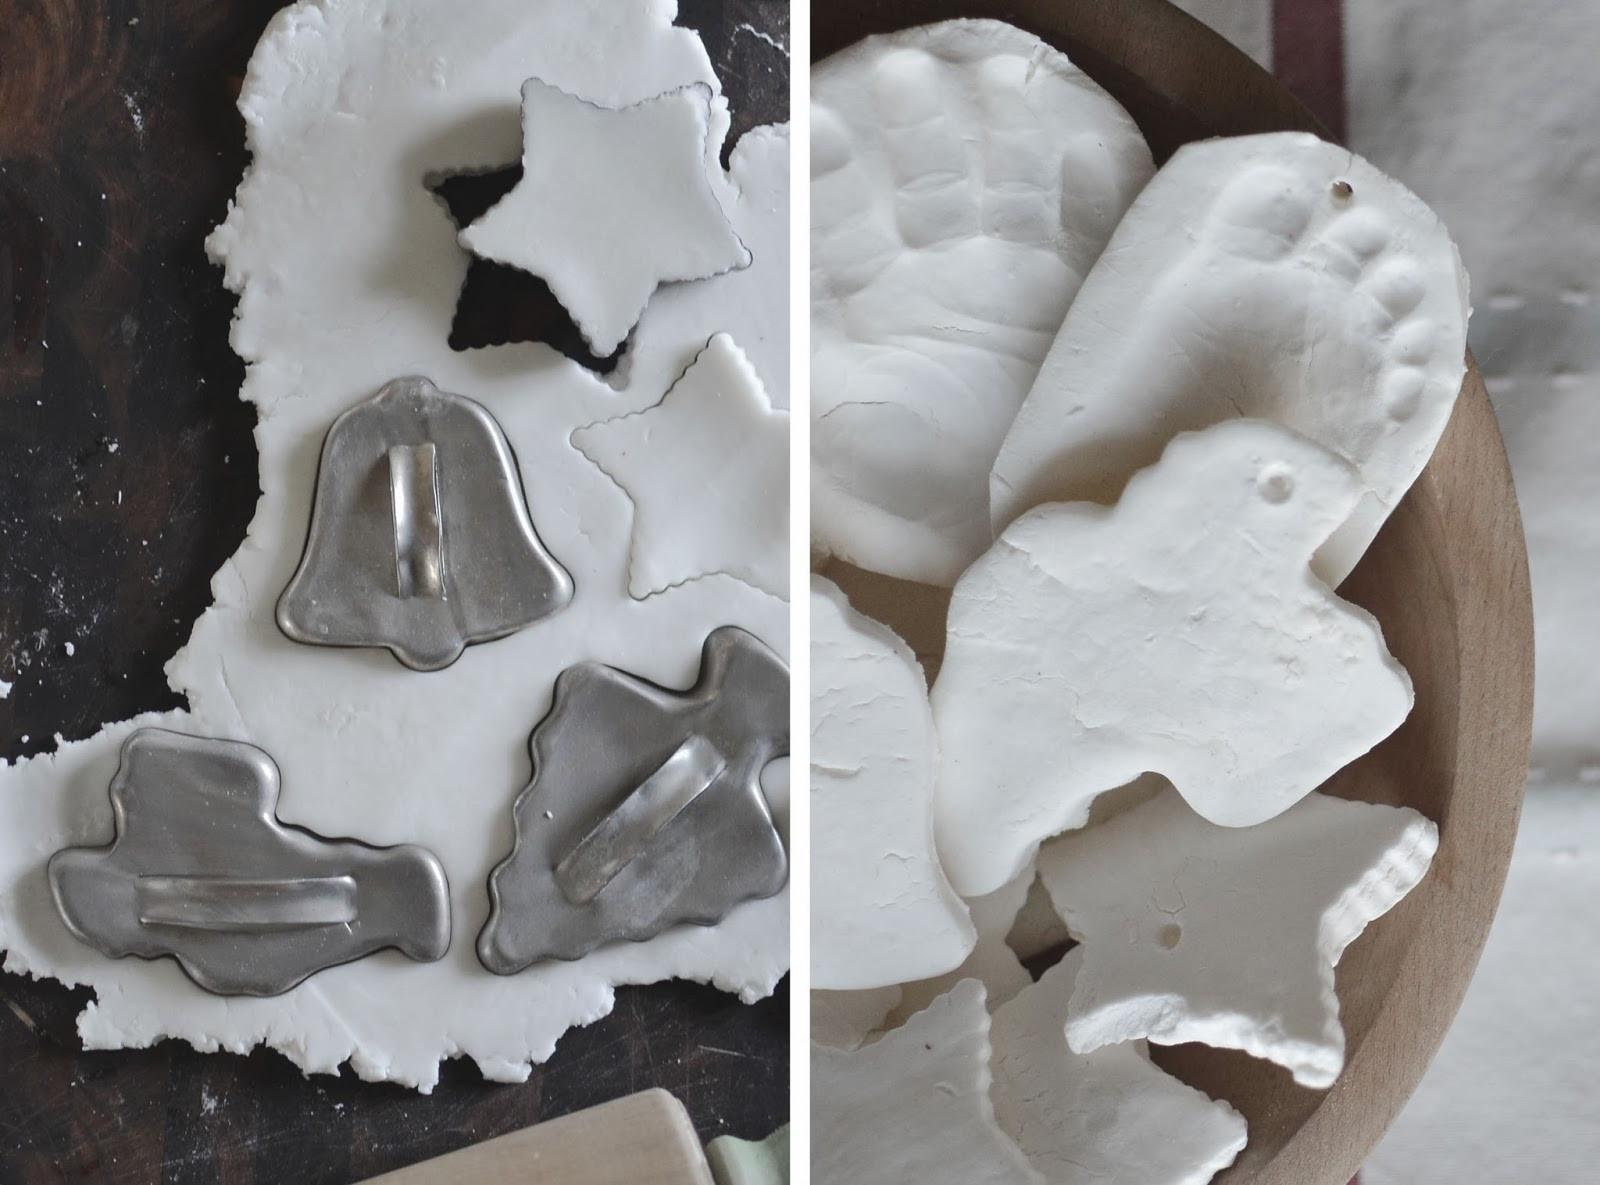 Baking Christmas Ornaments  DIY Baking Soda Clay Ornaments